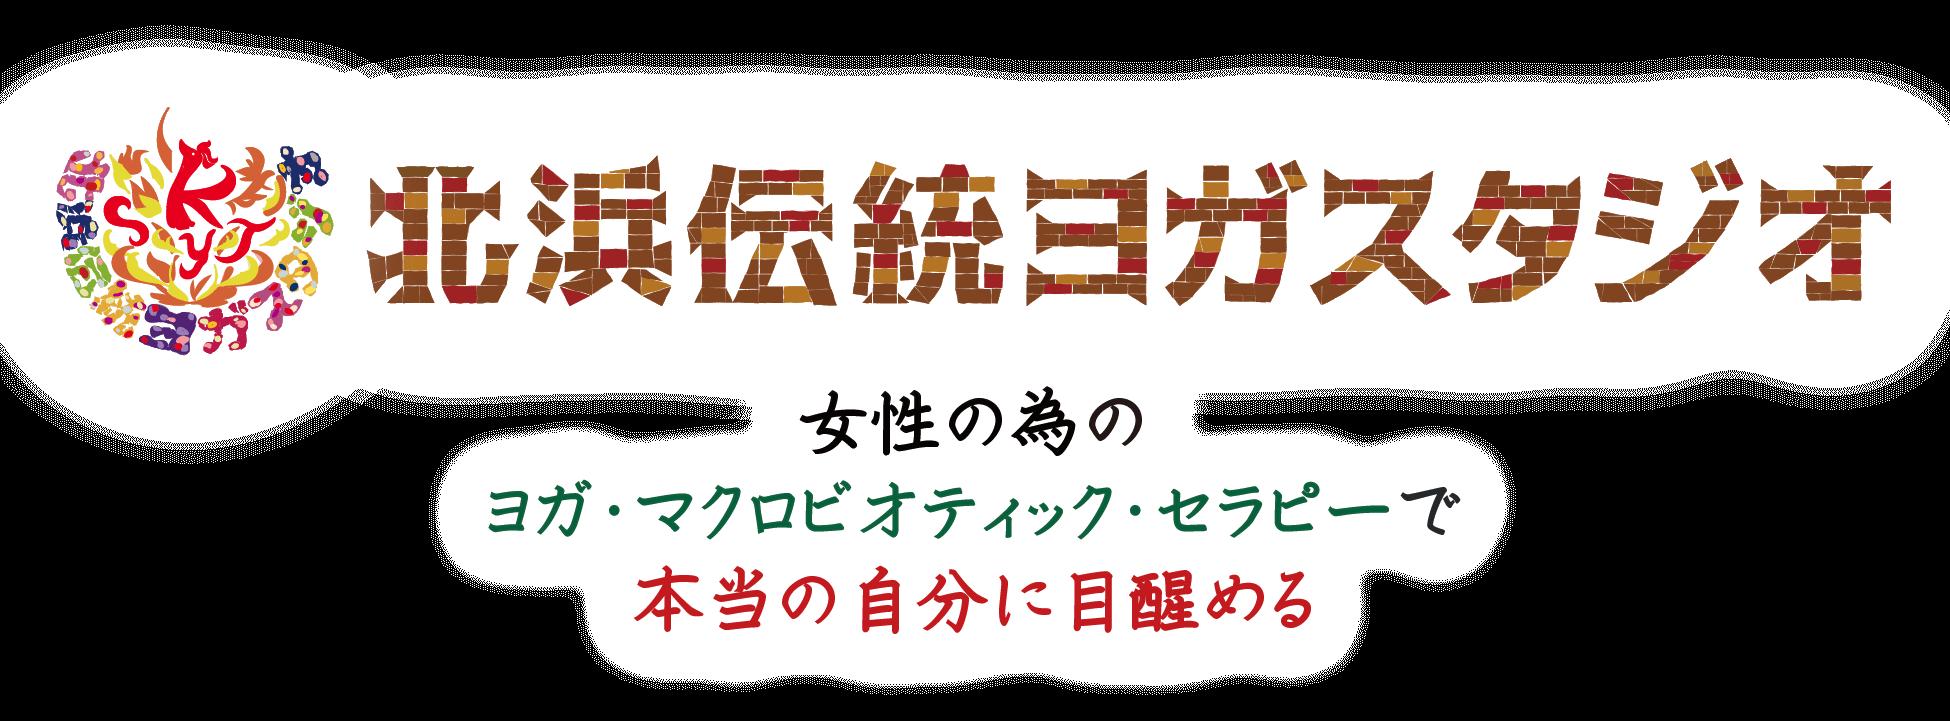 北浜伝統ヨガスタジオ